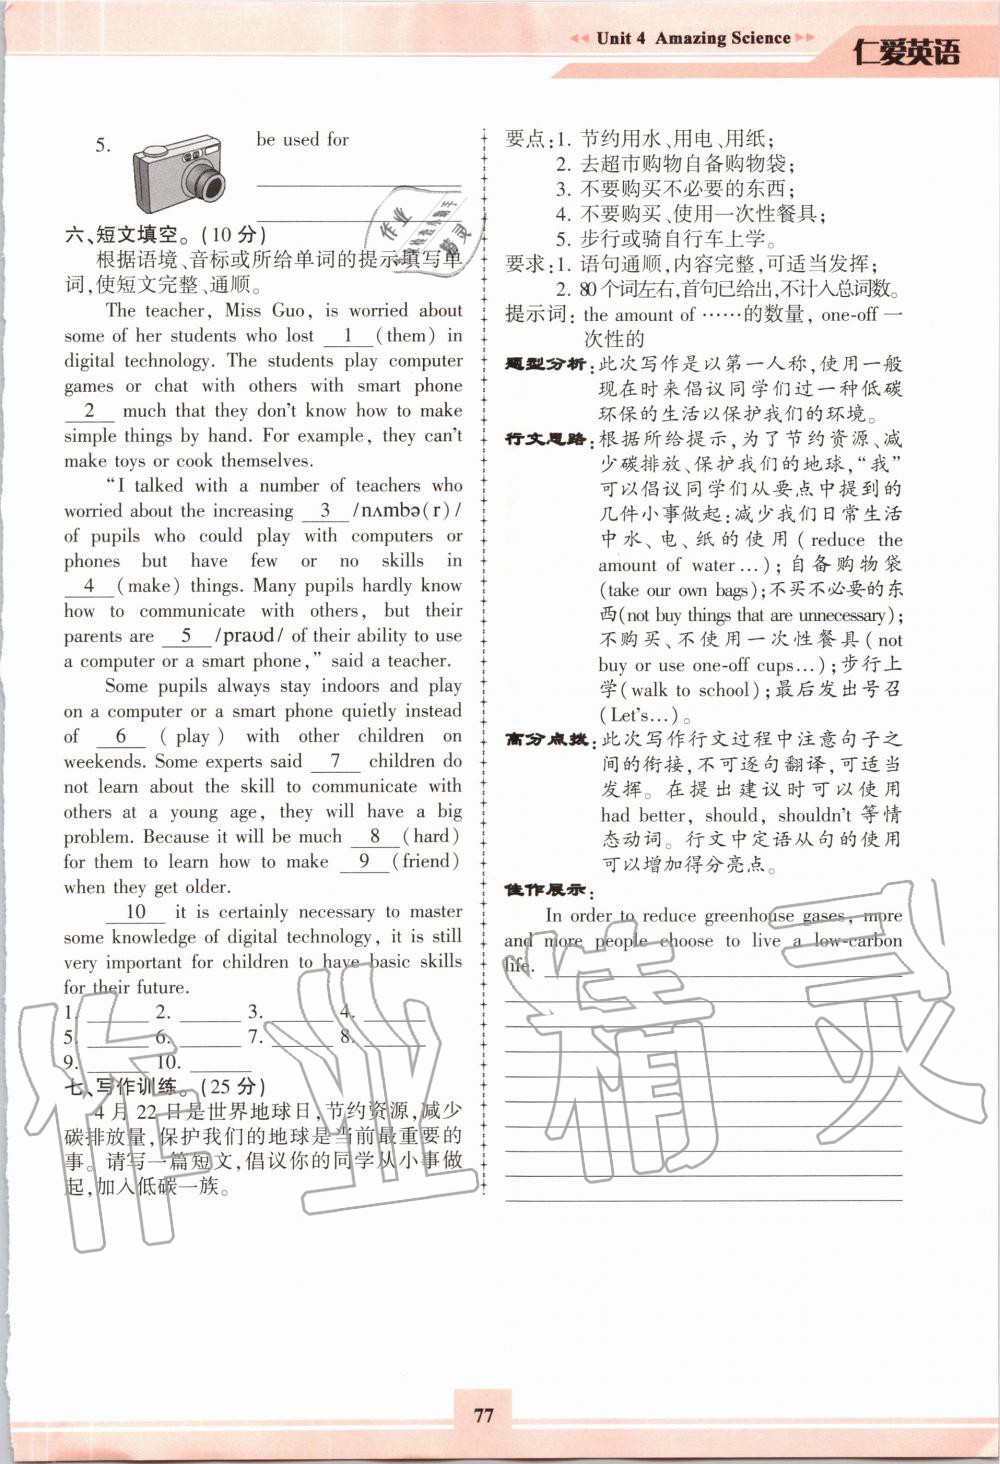 2020年仁爱英语同步练习册九年级上册仁爱版福建版第1页